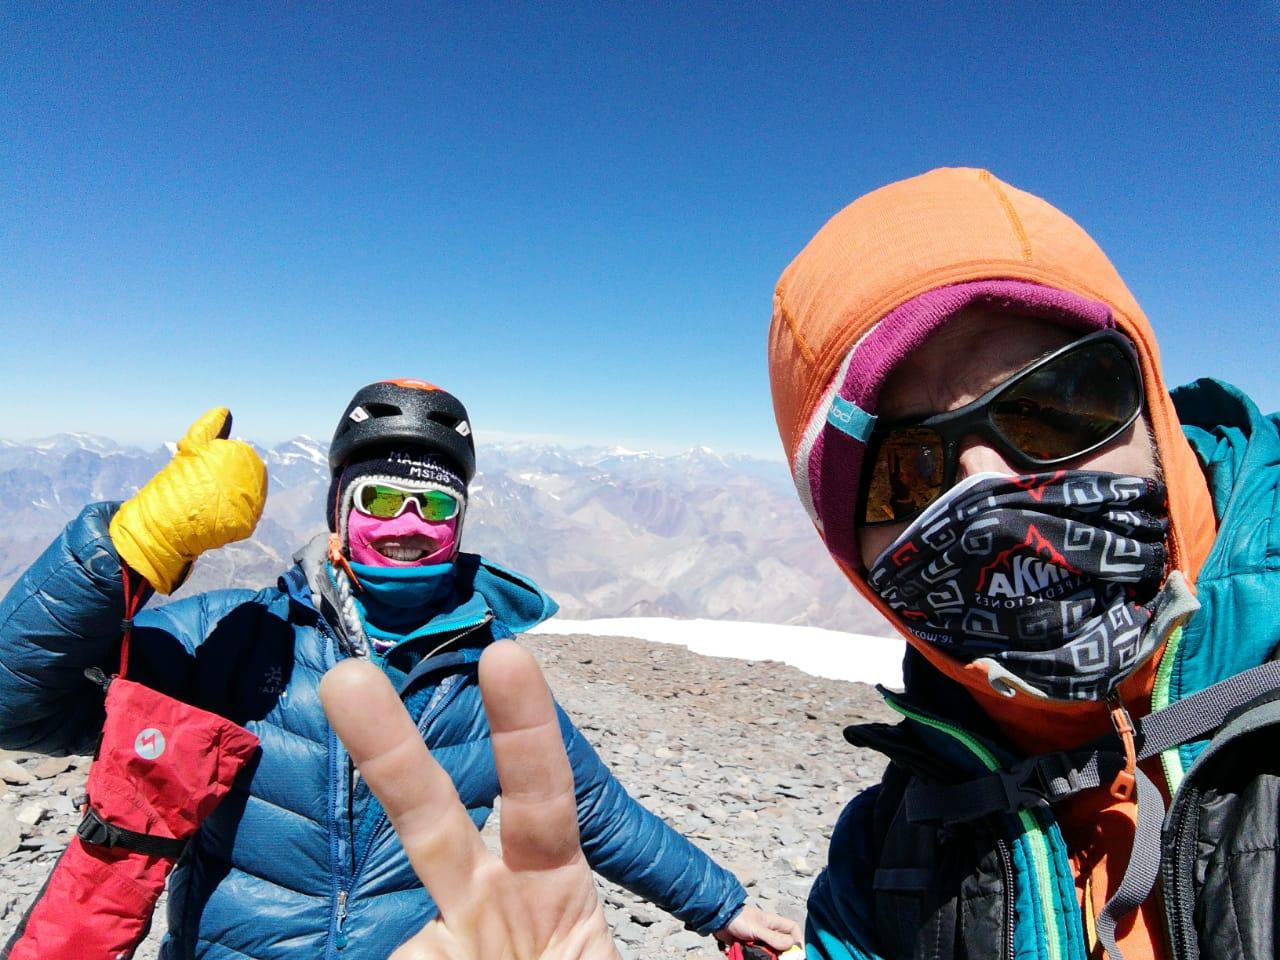 El chino Jianhui Shen y el guía mendocino Felipe Randis, últimos en la cumbre de la temporada de Aconcagua.